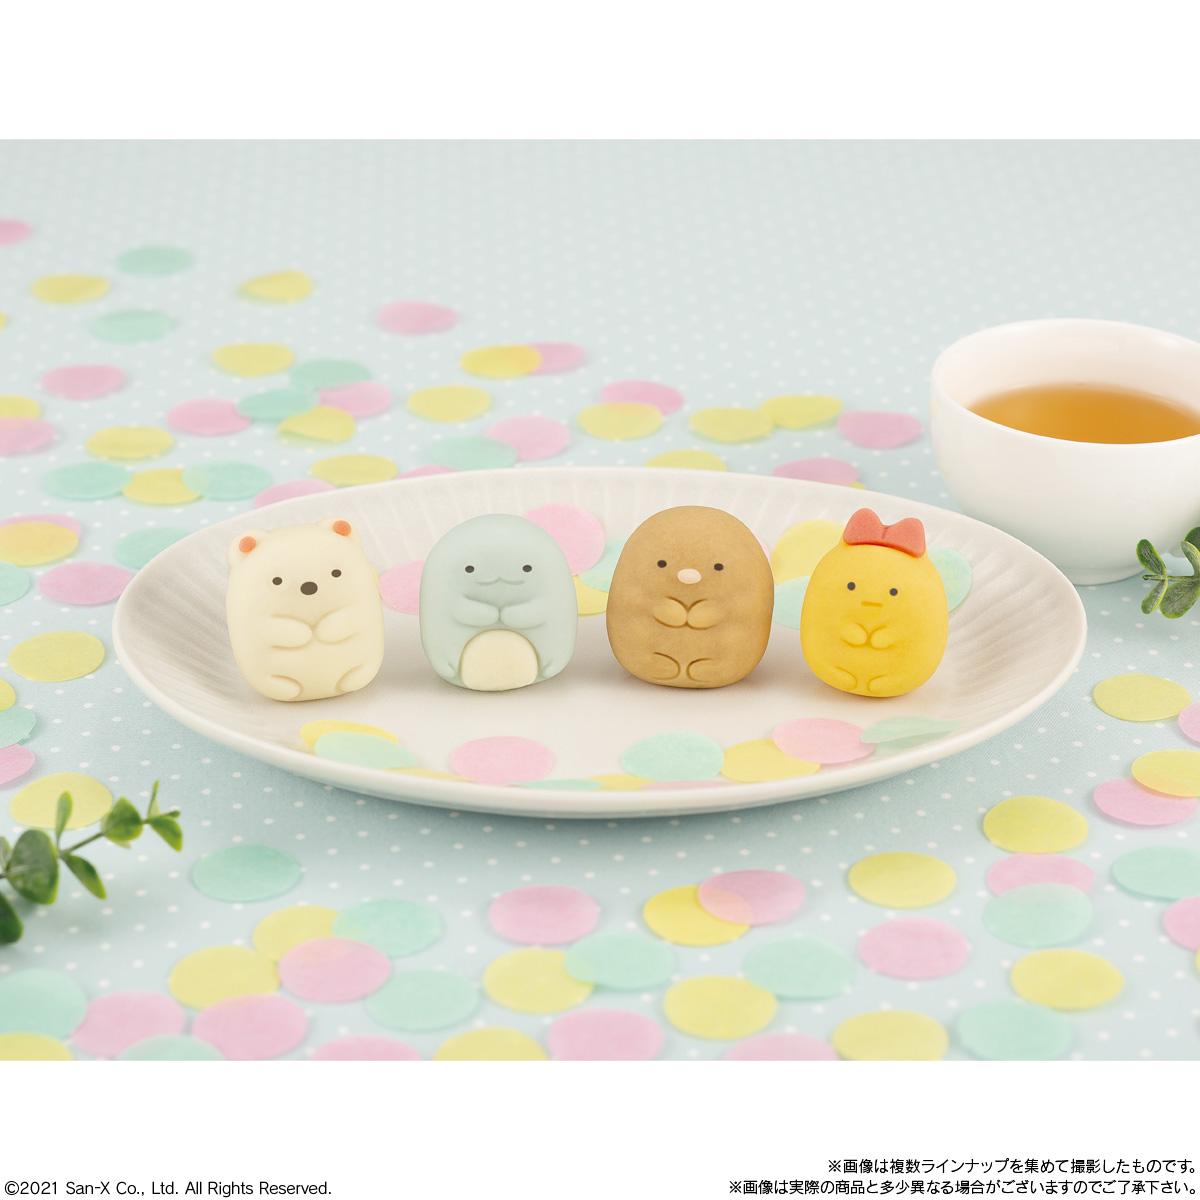 食べマス すみっコぐらし (とんかつ・えびふらいのしっぽ)_4